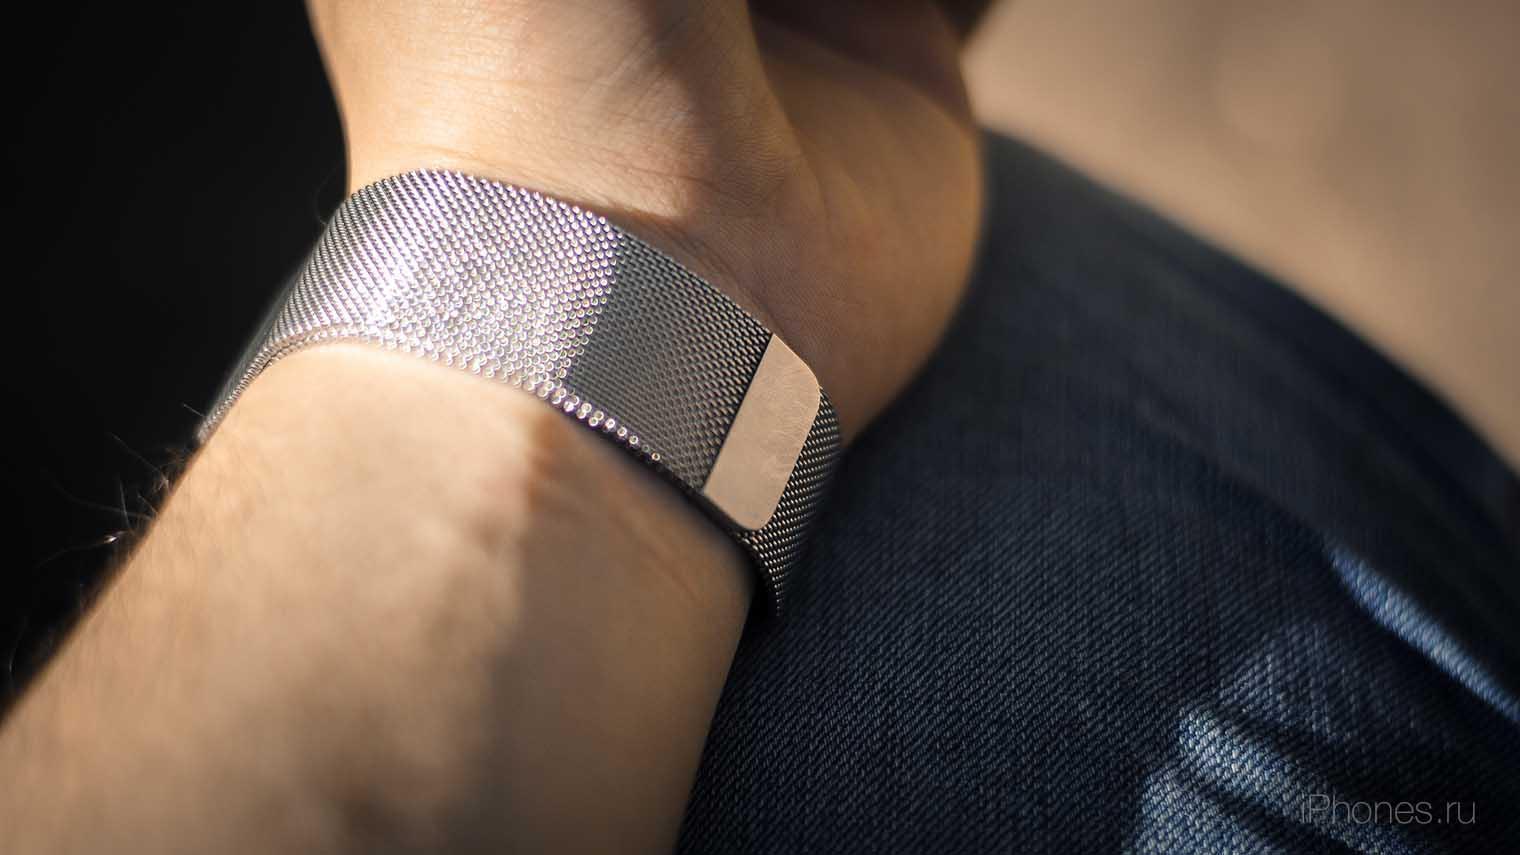 Взгляните на новые монобраслеты для Apple Watch (63)